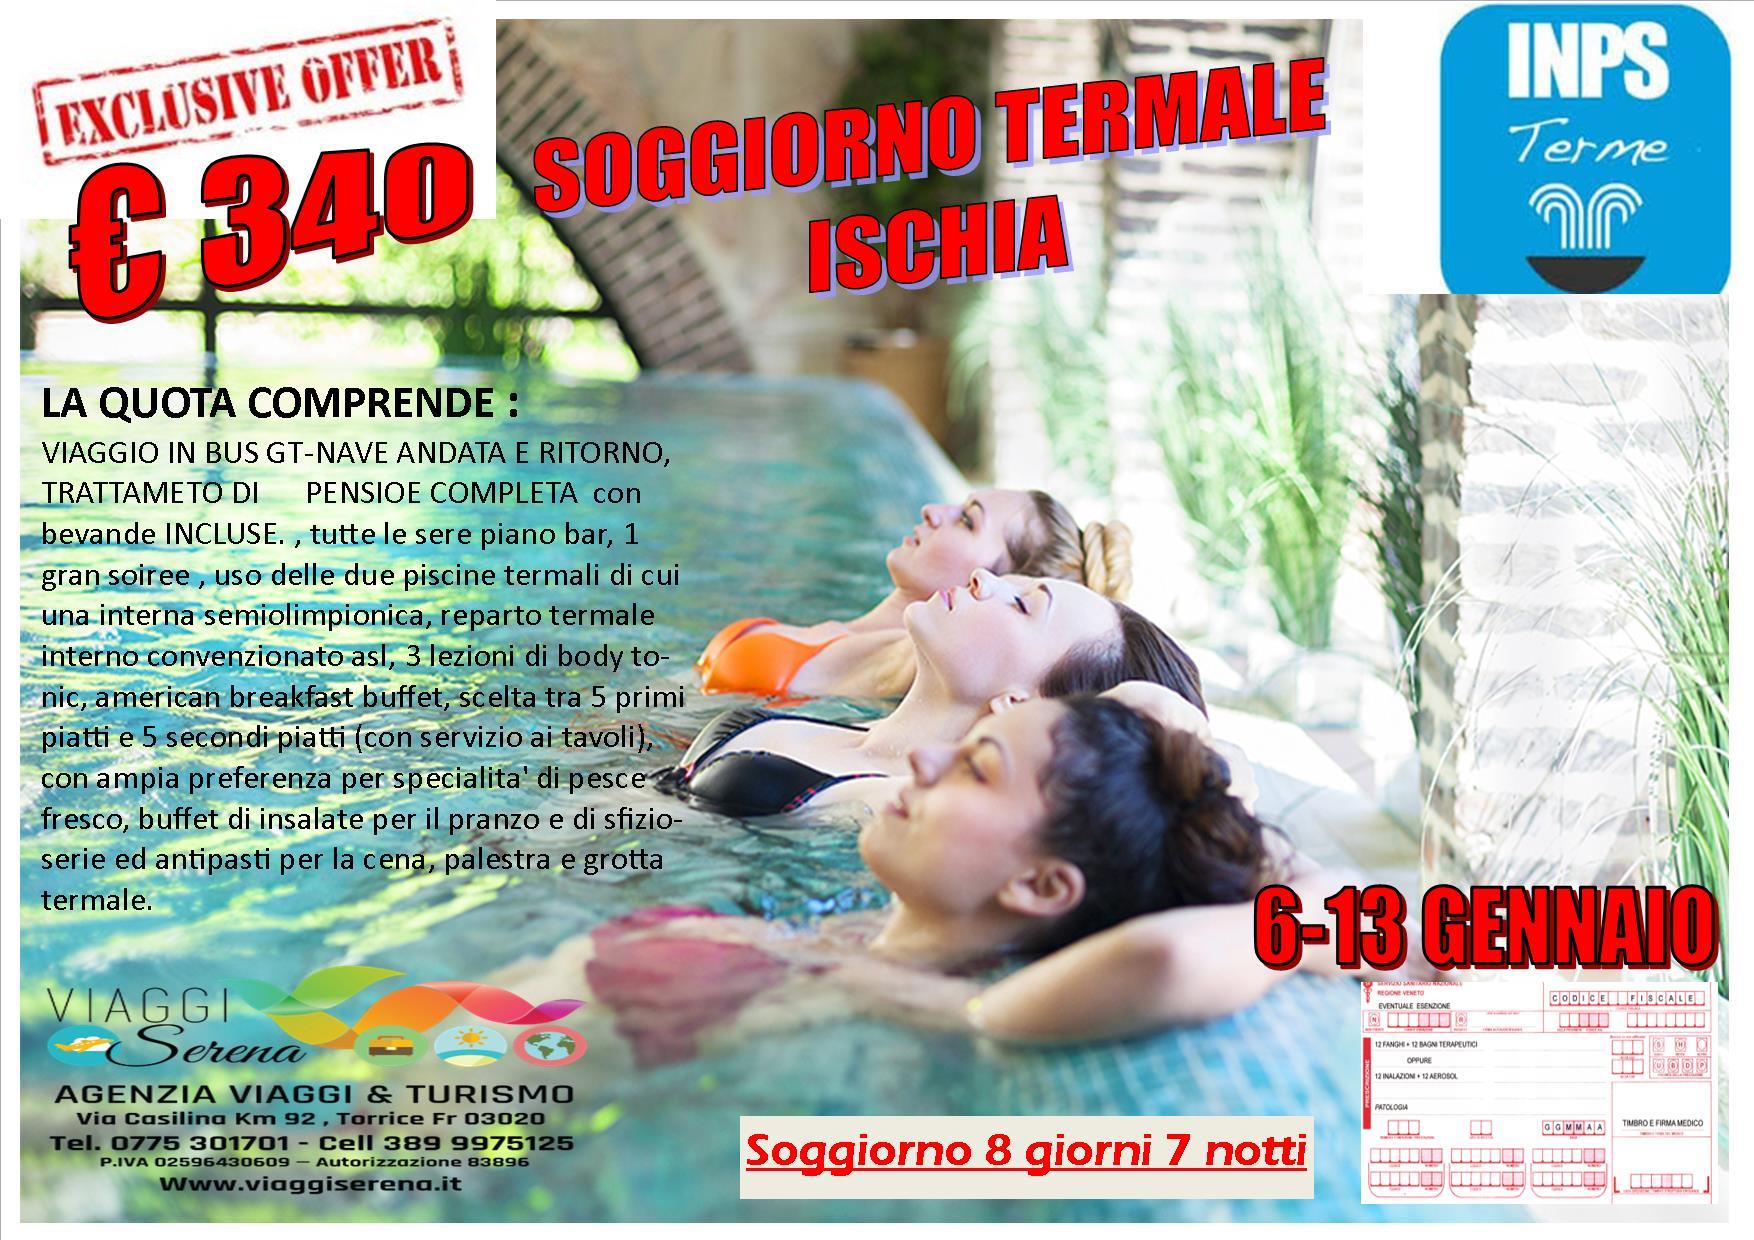 soggiorno terme ISCHIA 2019 - Viaggi Serena